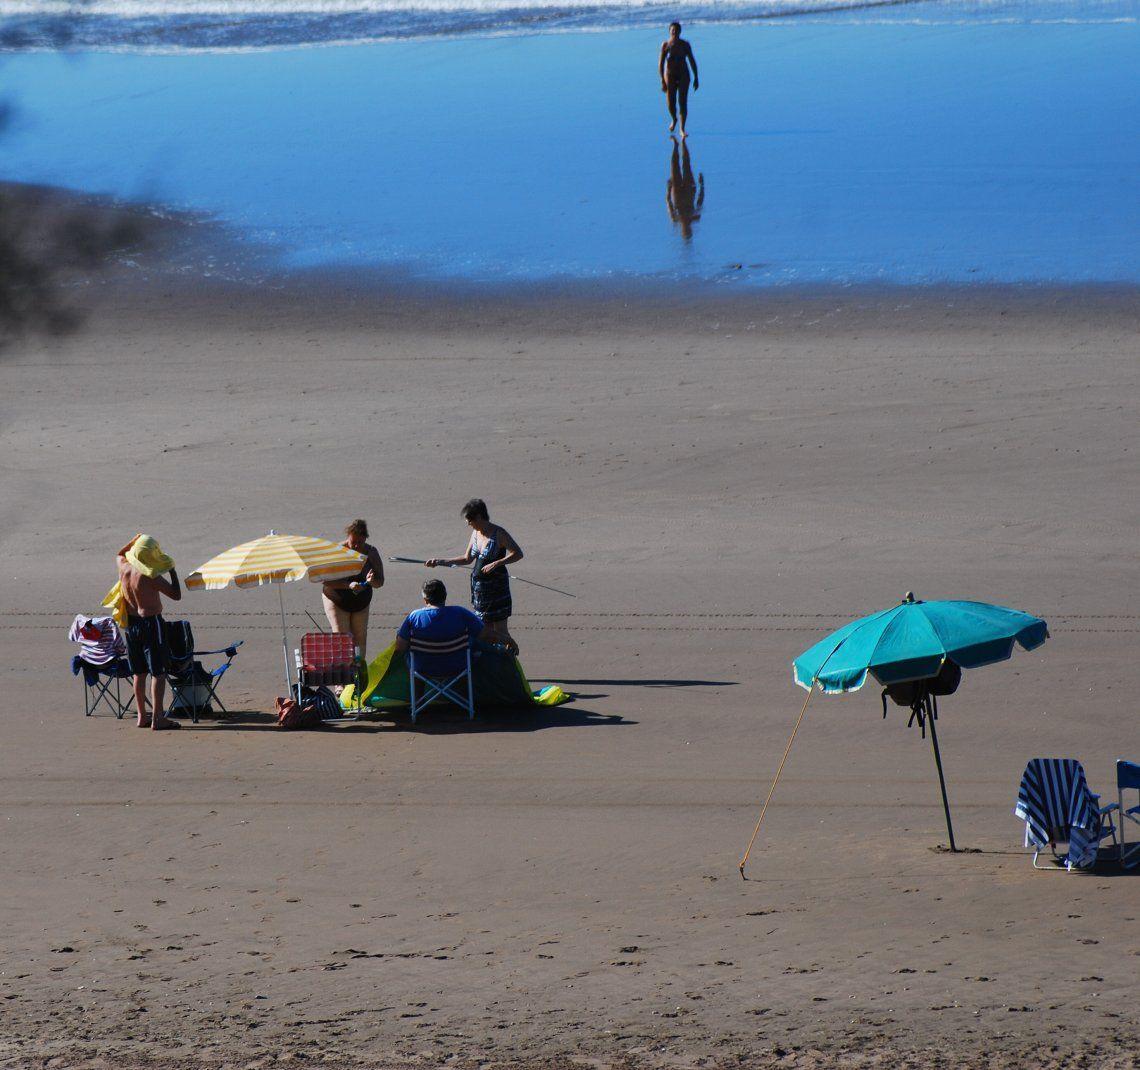 Las vacaciones en la playa serán diferentes para evitar contagios de Covid.